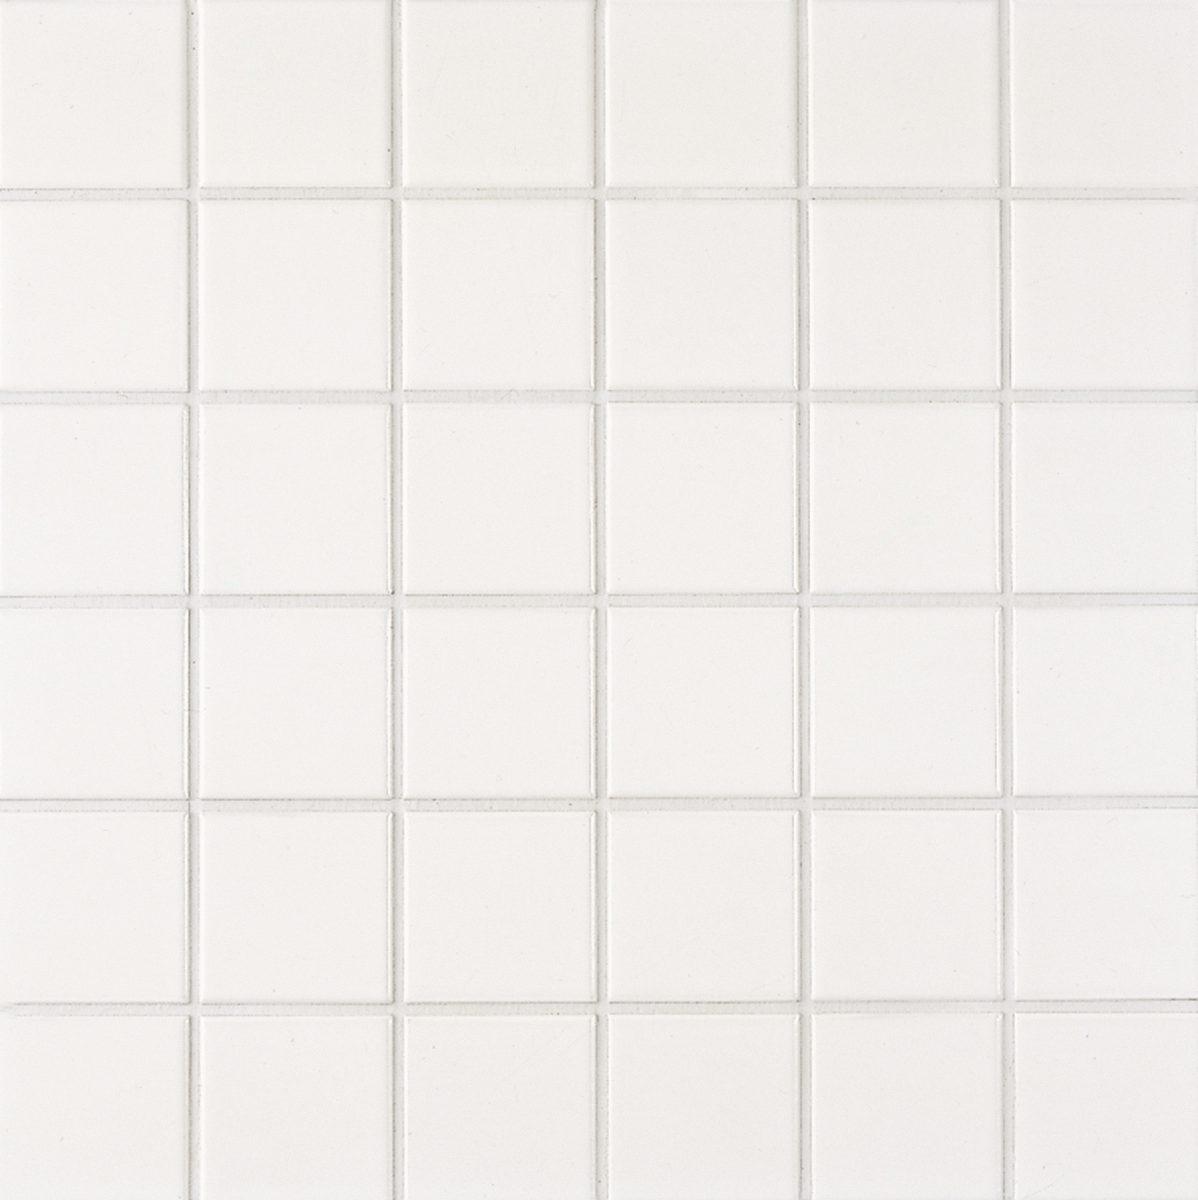 Мозаика серия Fresh 5,0 X 5,0 см Snow White Secura (противоскользящая R10/B)